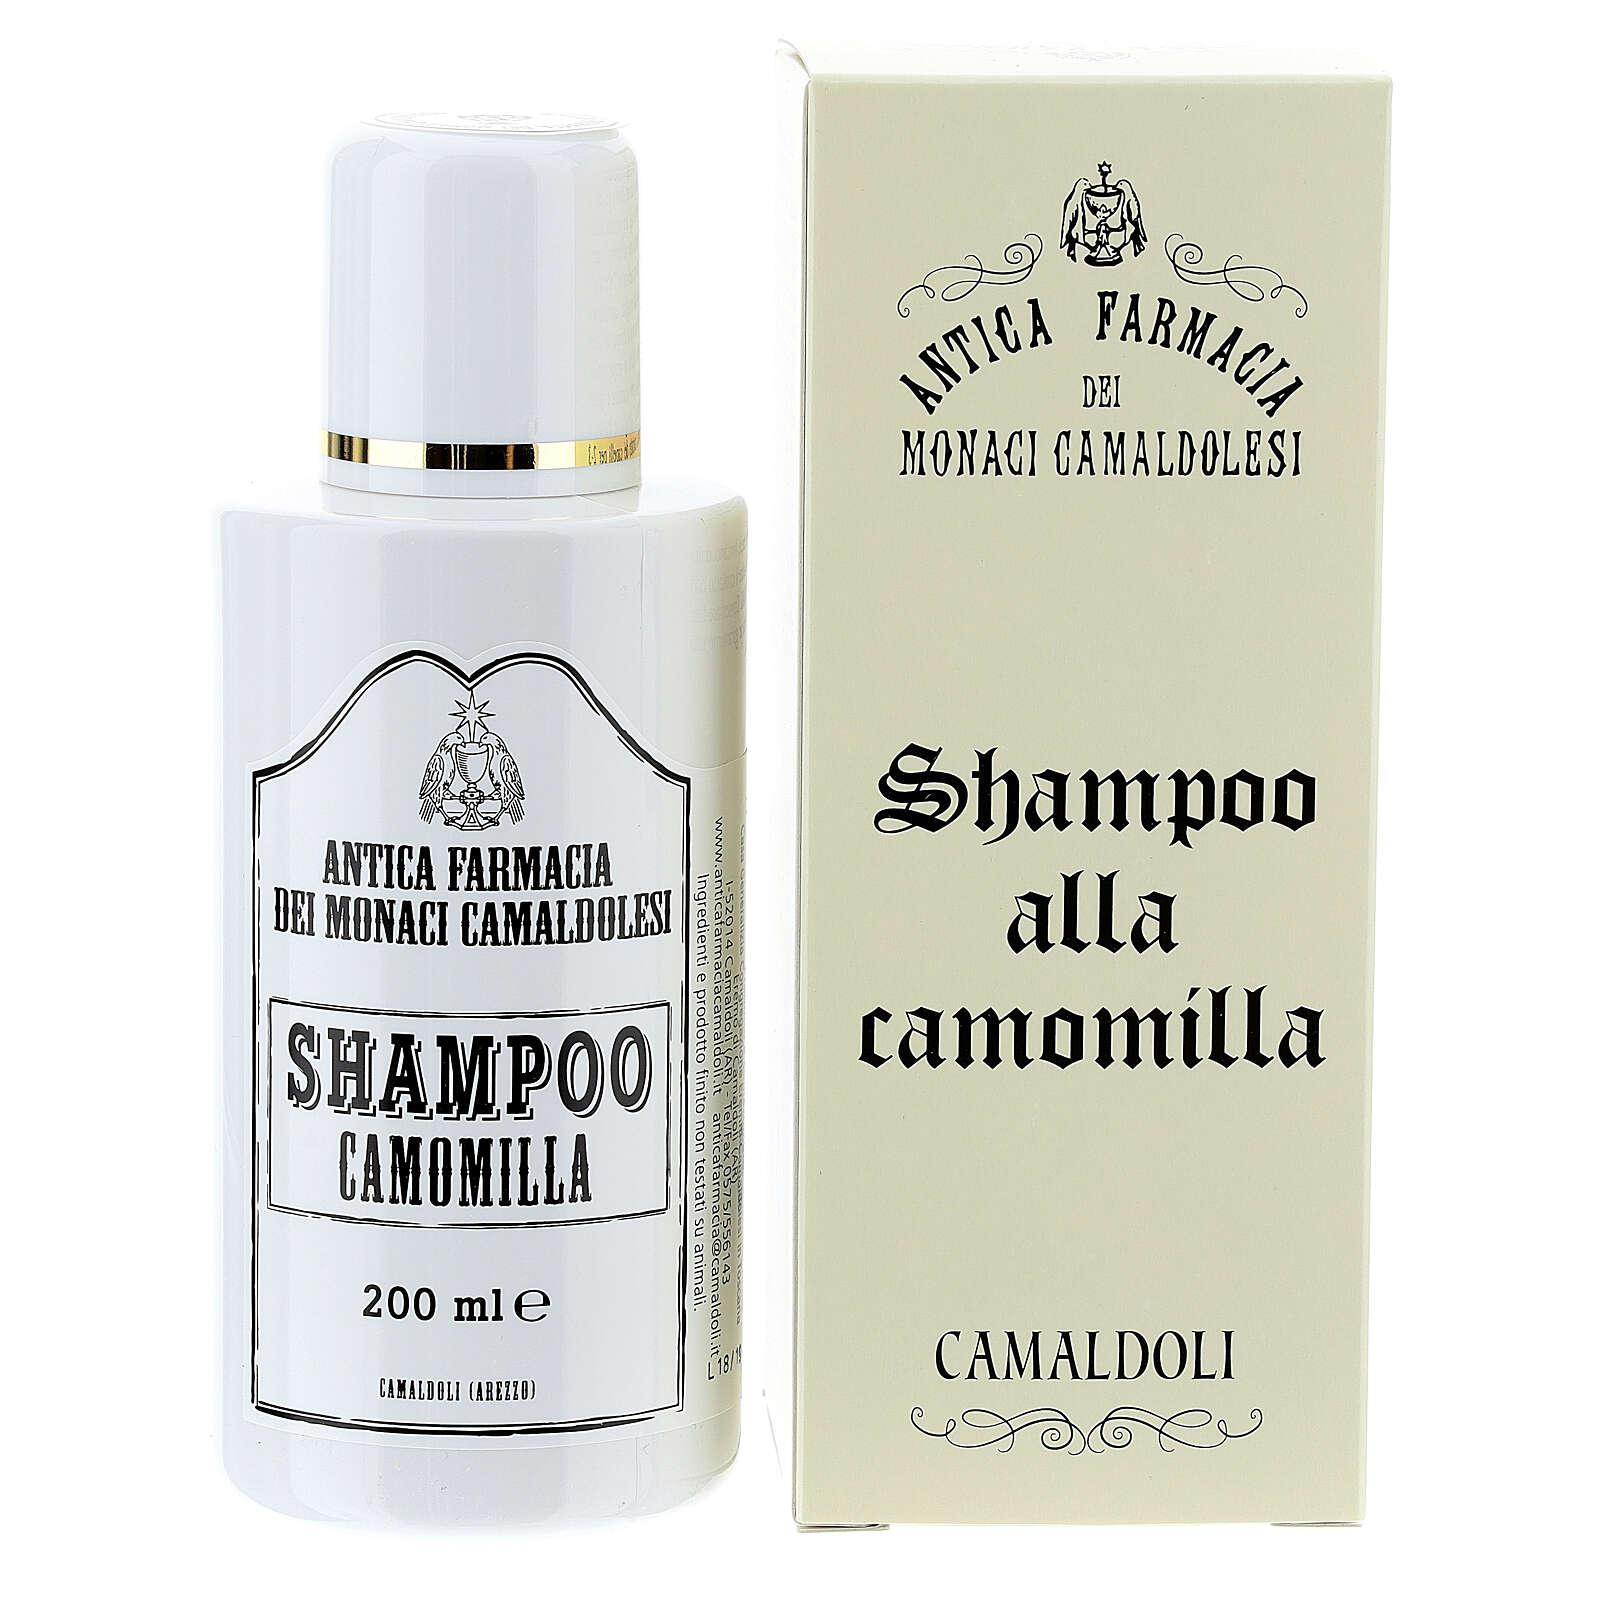 Shampoo alla Camomilla 200 ml 4